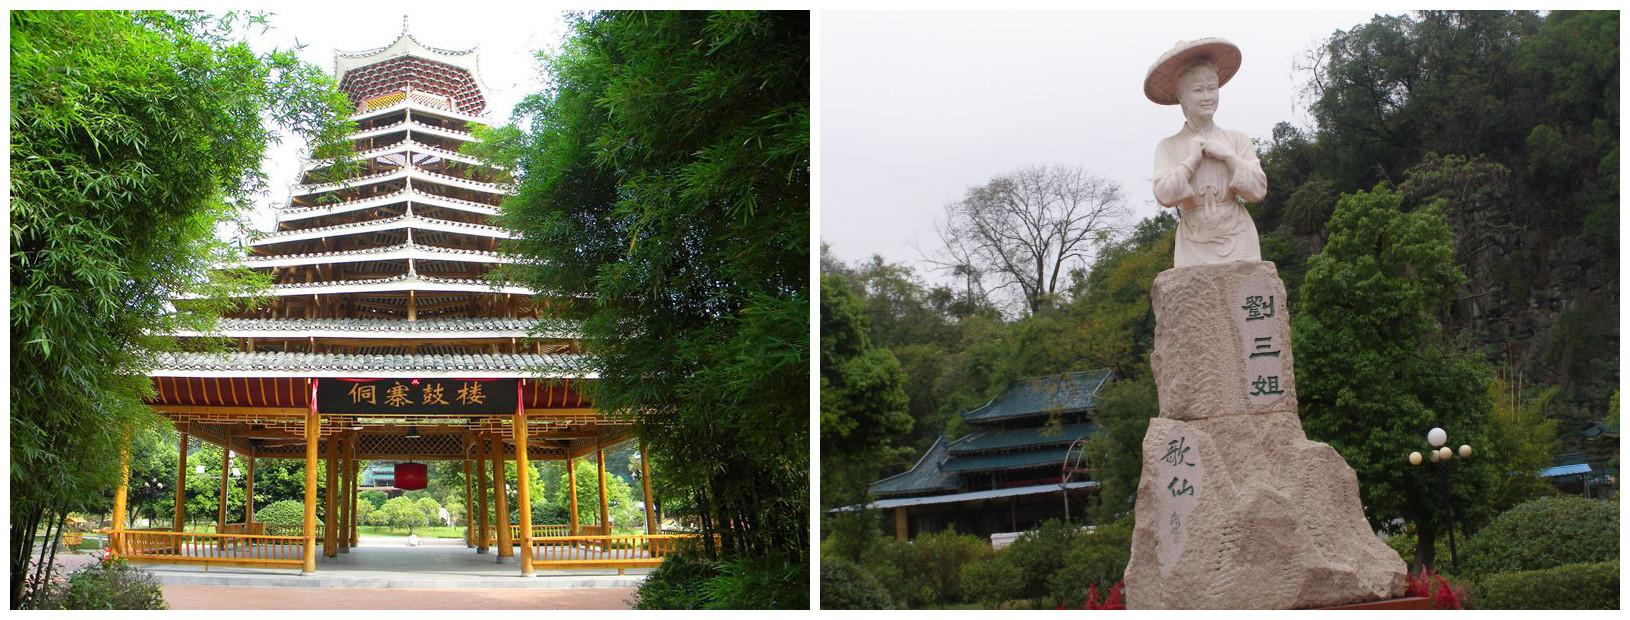 桂林景点景区-刘三姐大观园